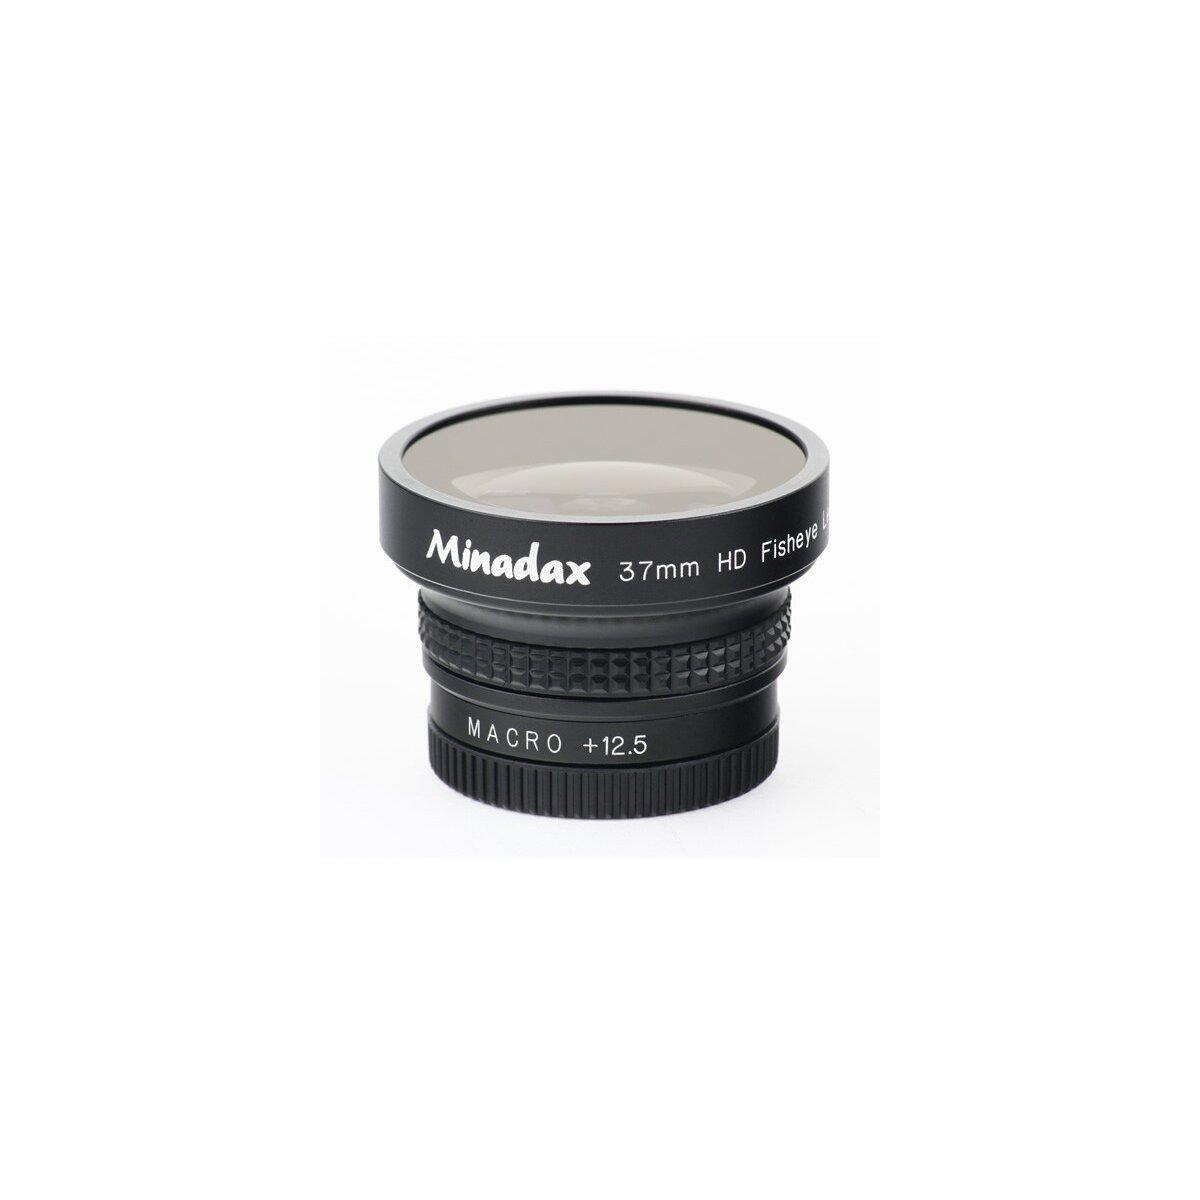 0.42x Minadax Fisheye Vorsatz fuer Samsung VP-DX100, SMX-F30, SMX-F33, SMX-F34